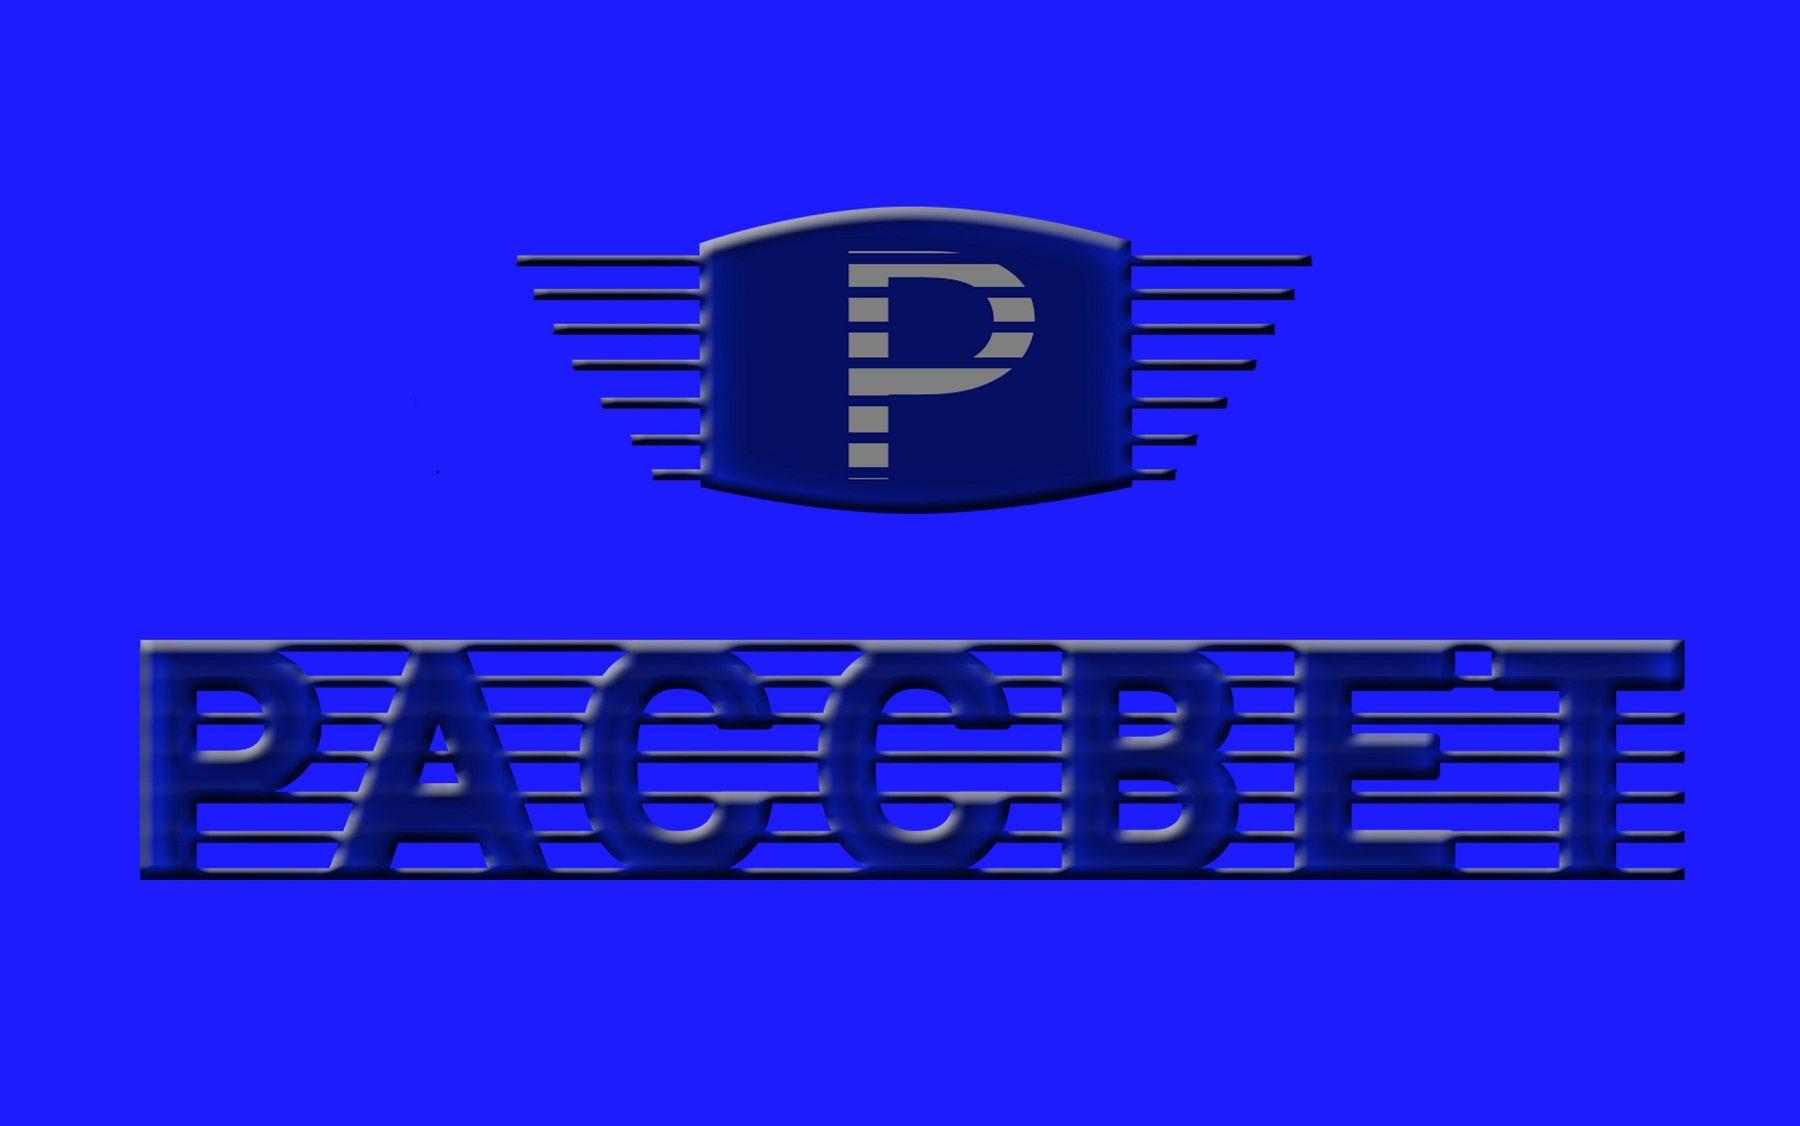 Лого и фирменный стиль для Рассвет - дизайнер jvarehina